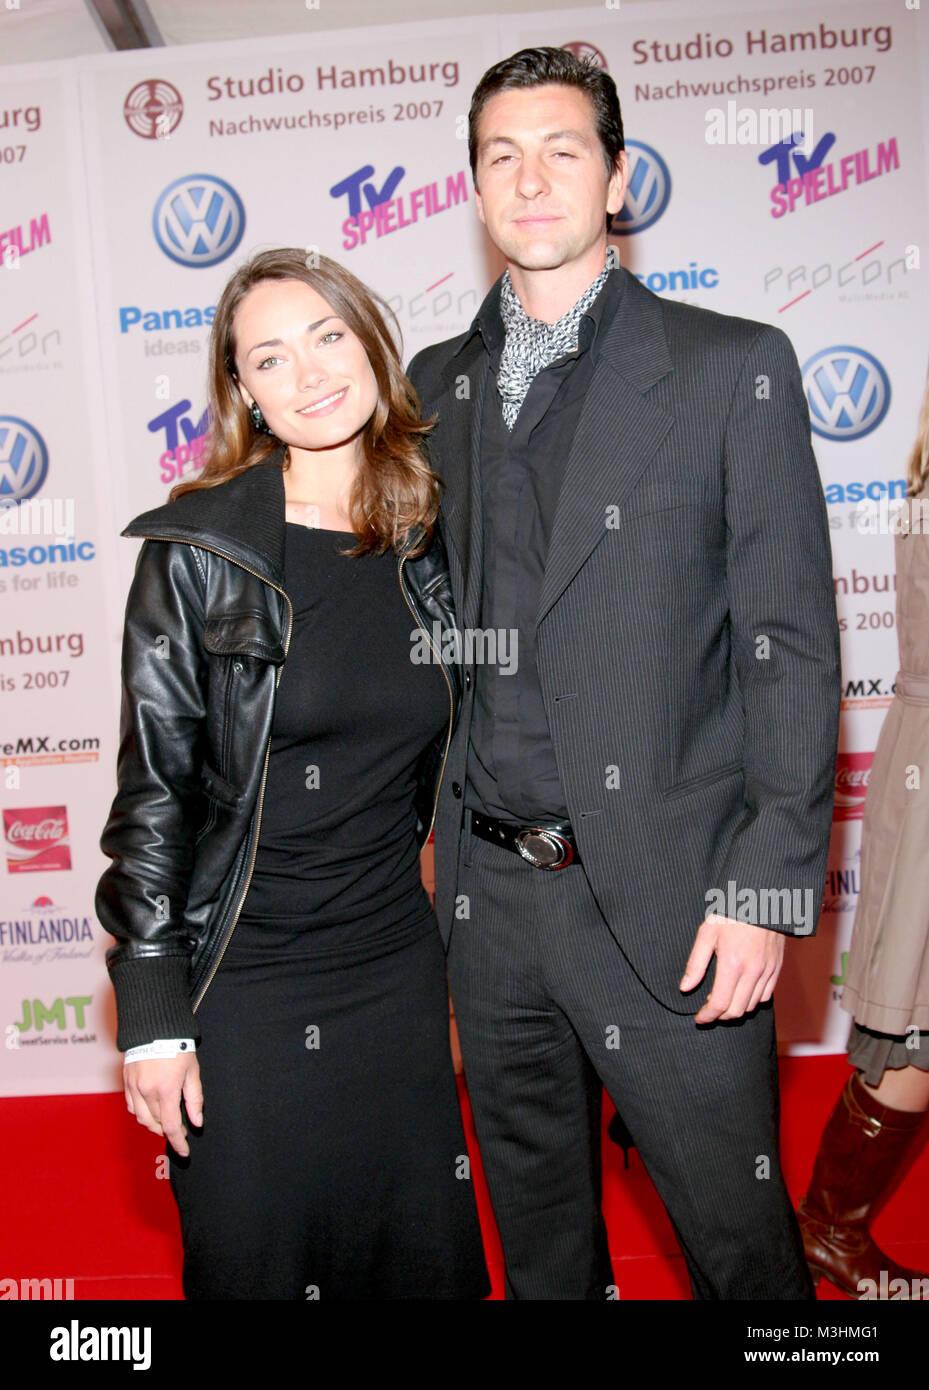 Gregor Törzs und Sarah Besgen bei der Preisgala des Studio